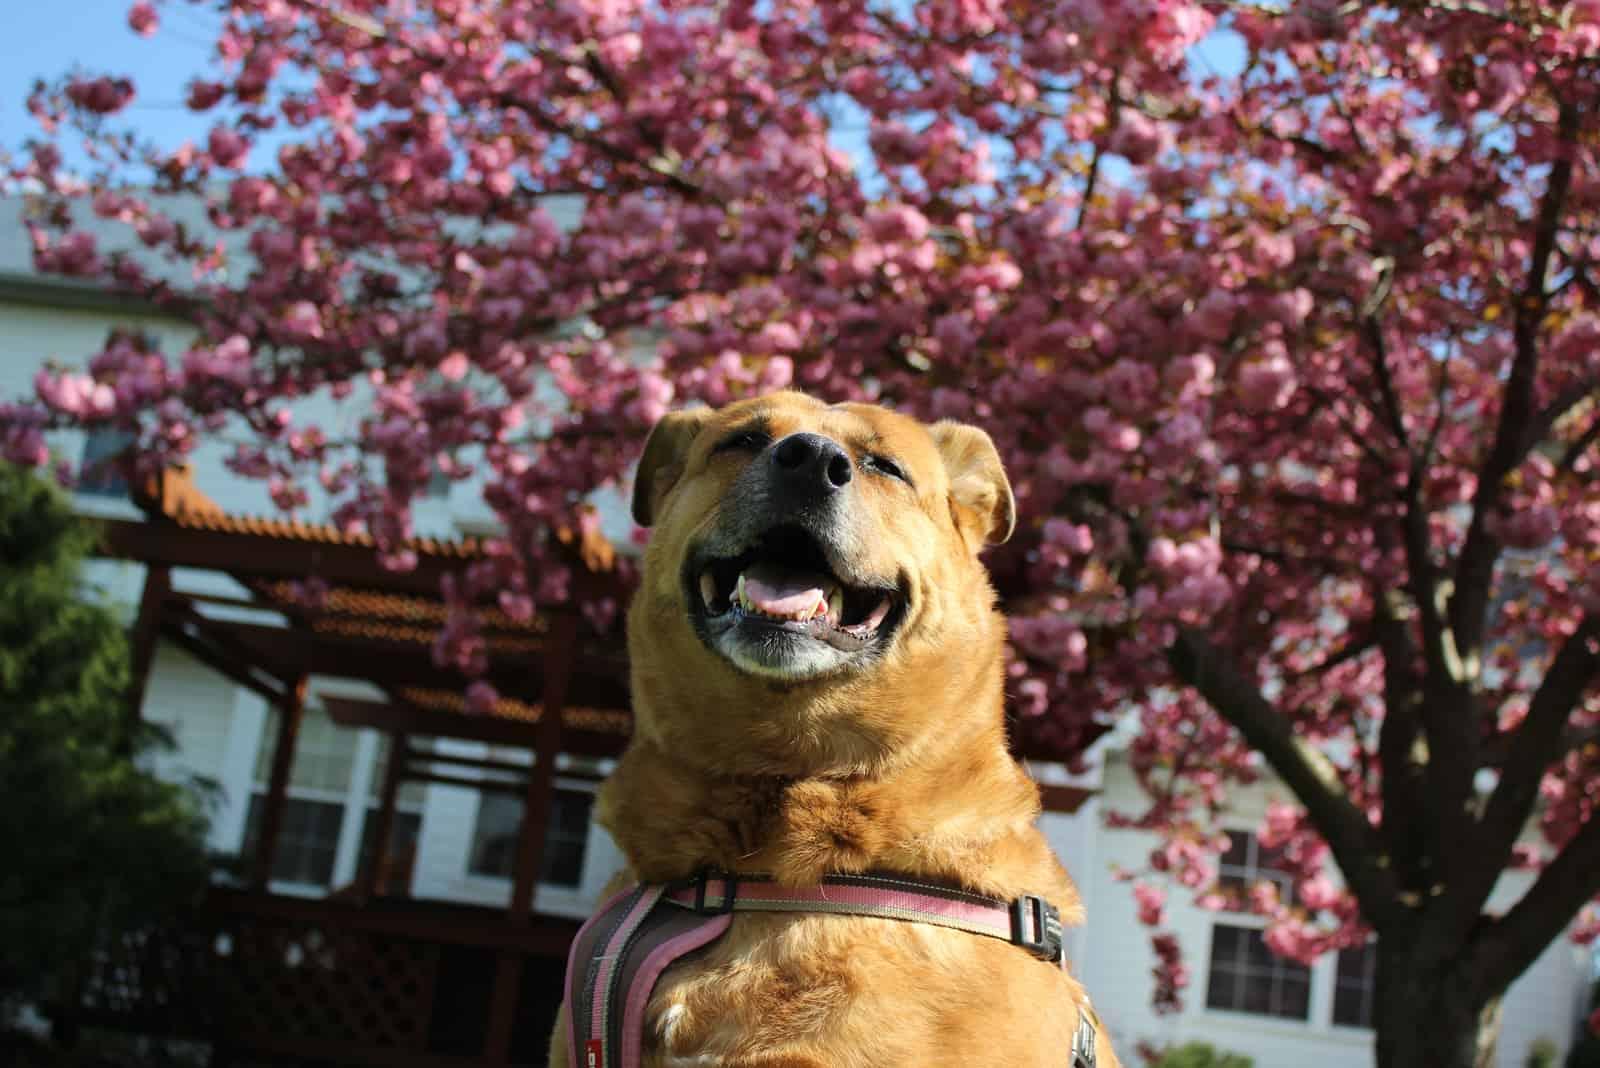 german shepherd lab mix dog smiling